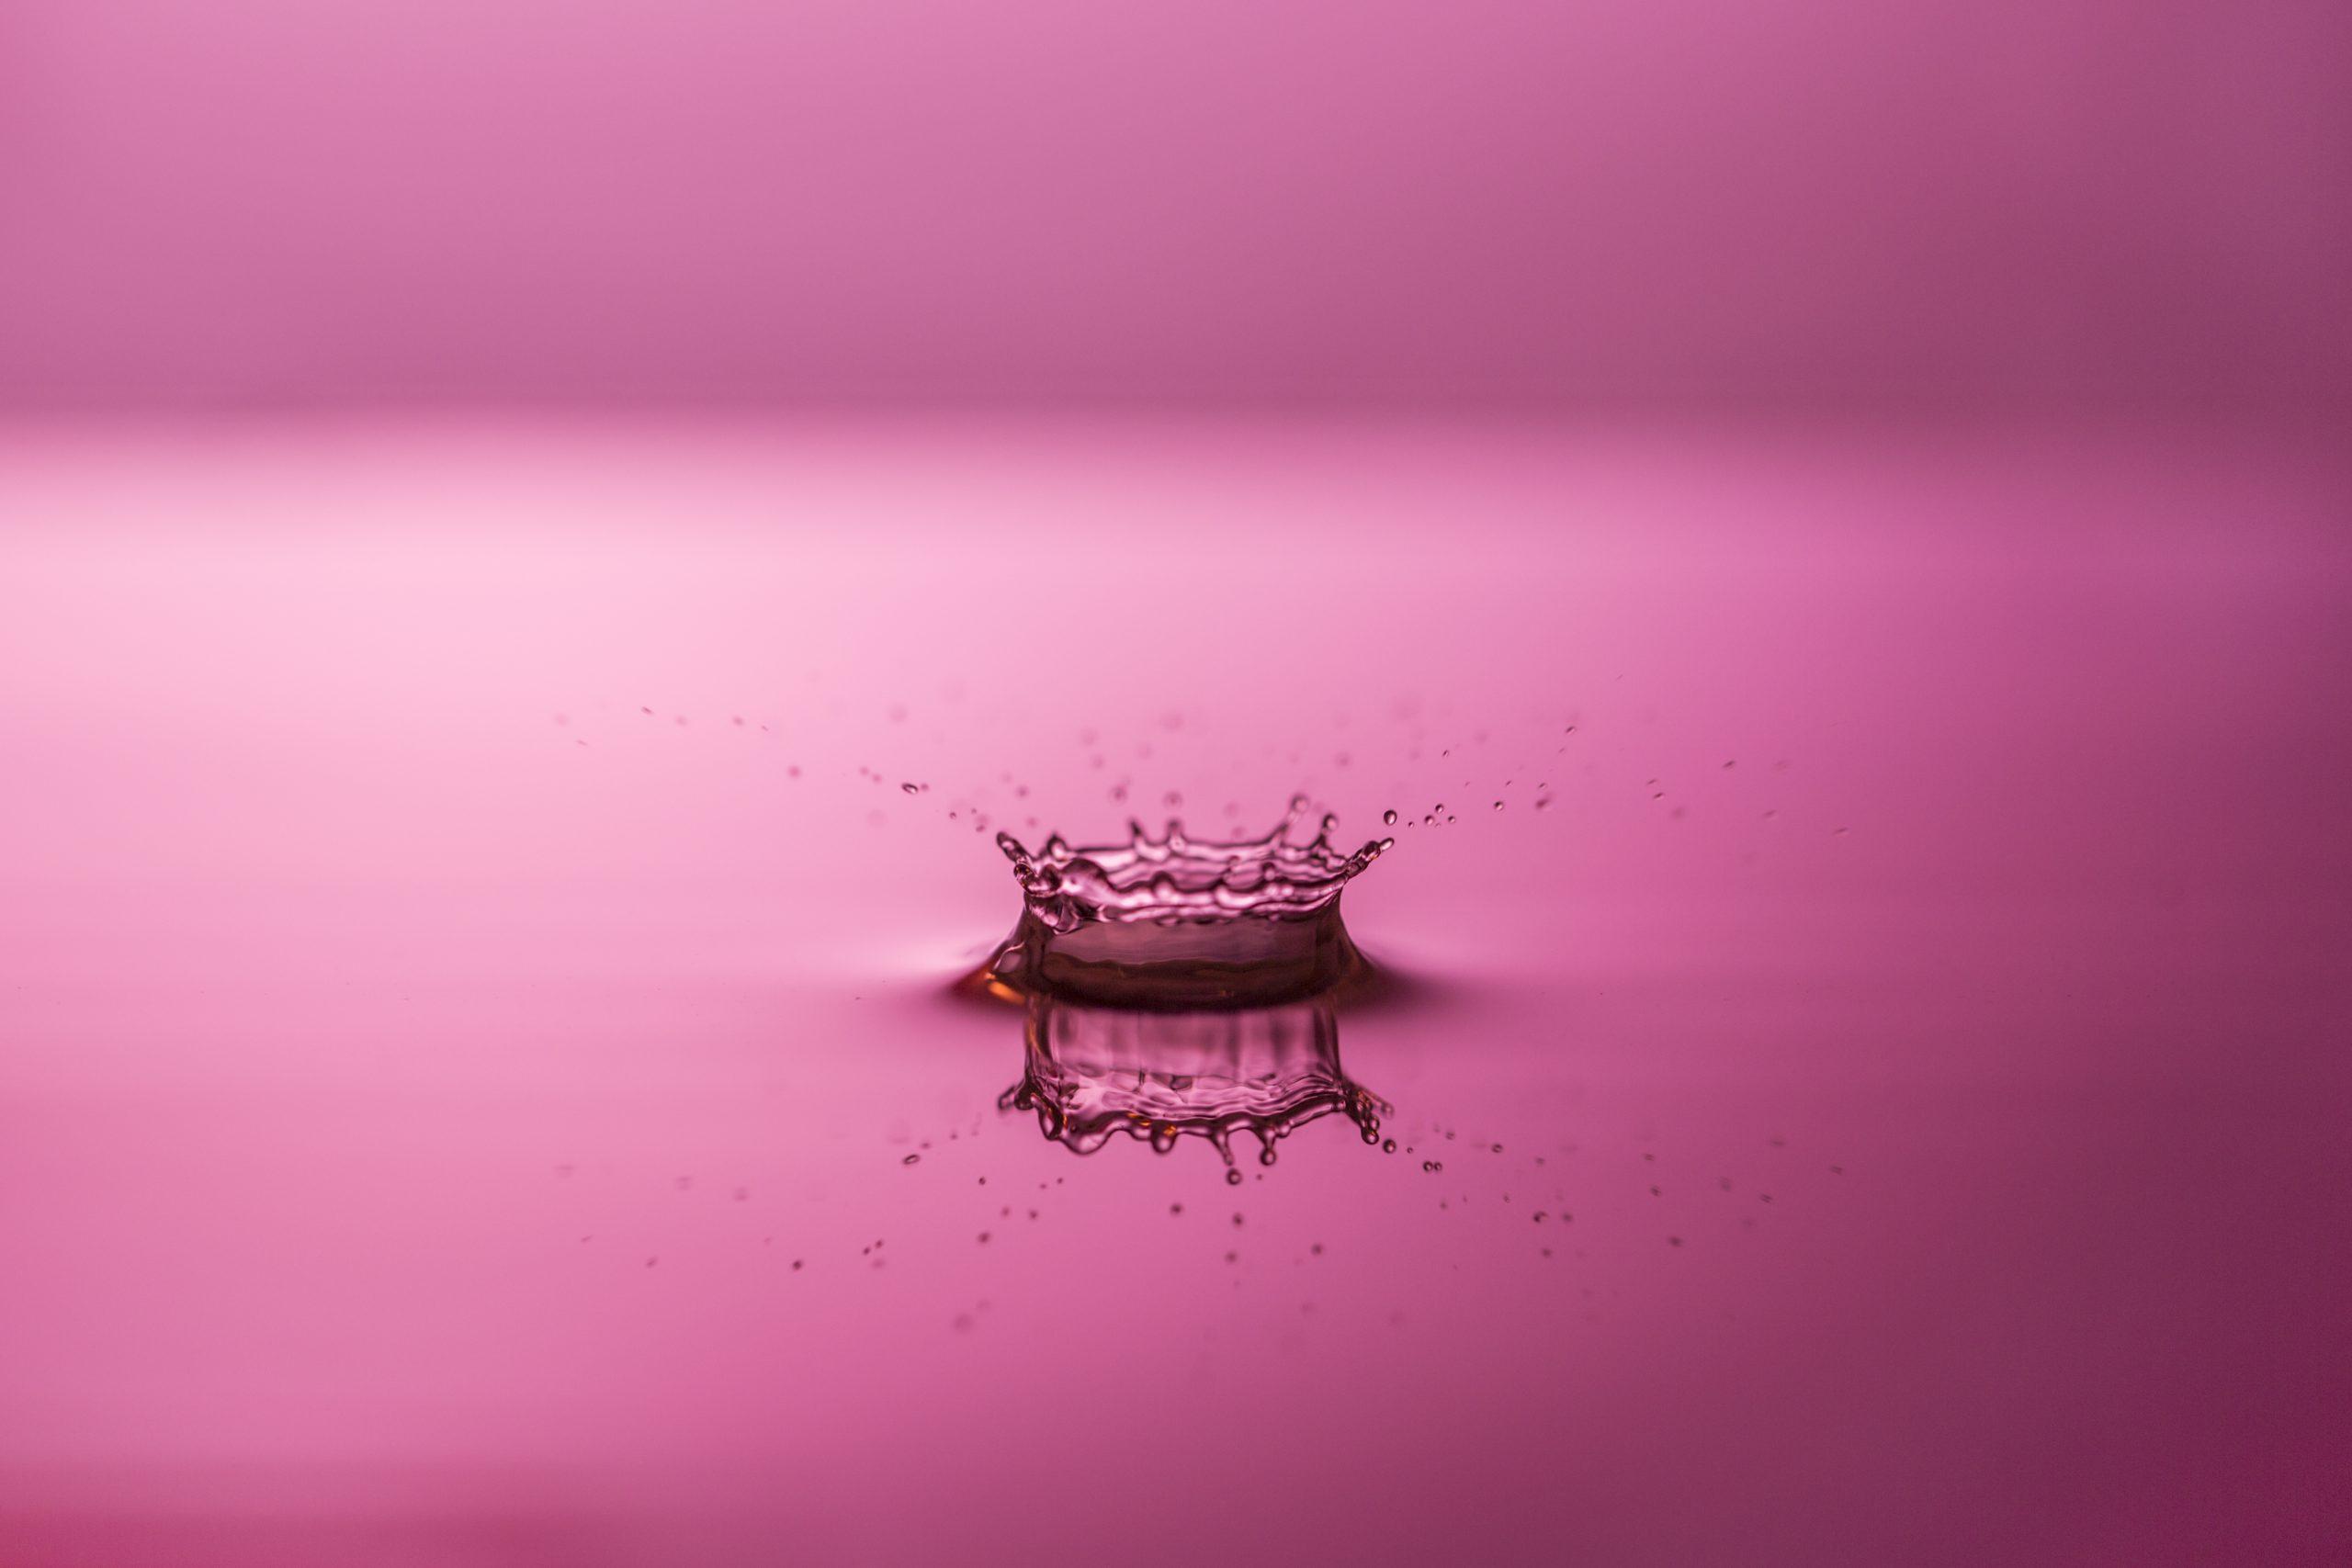 waterdruppel creëert impact